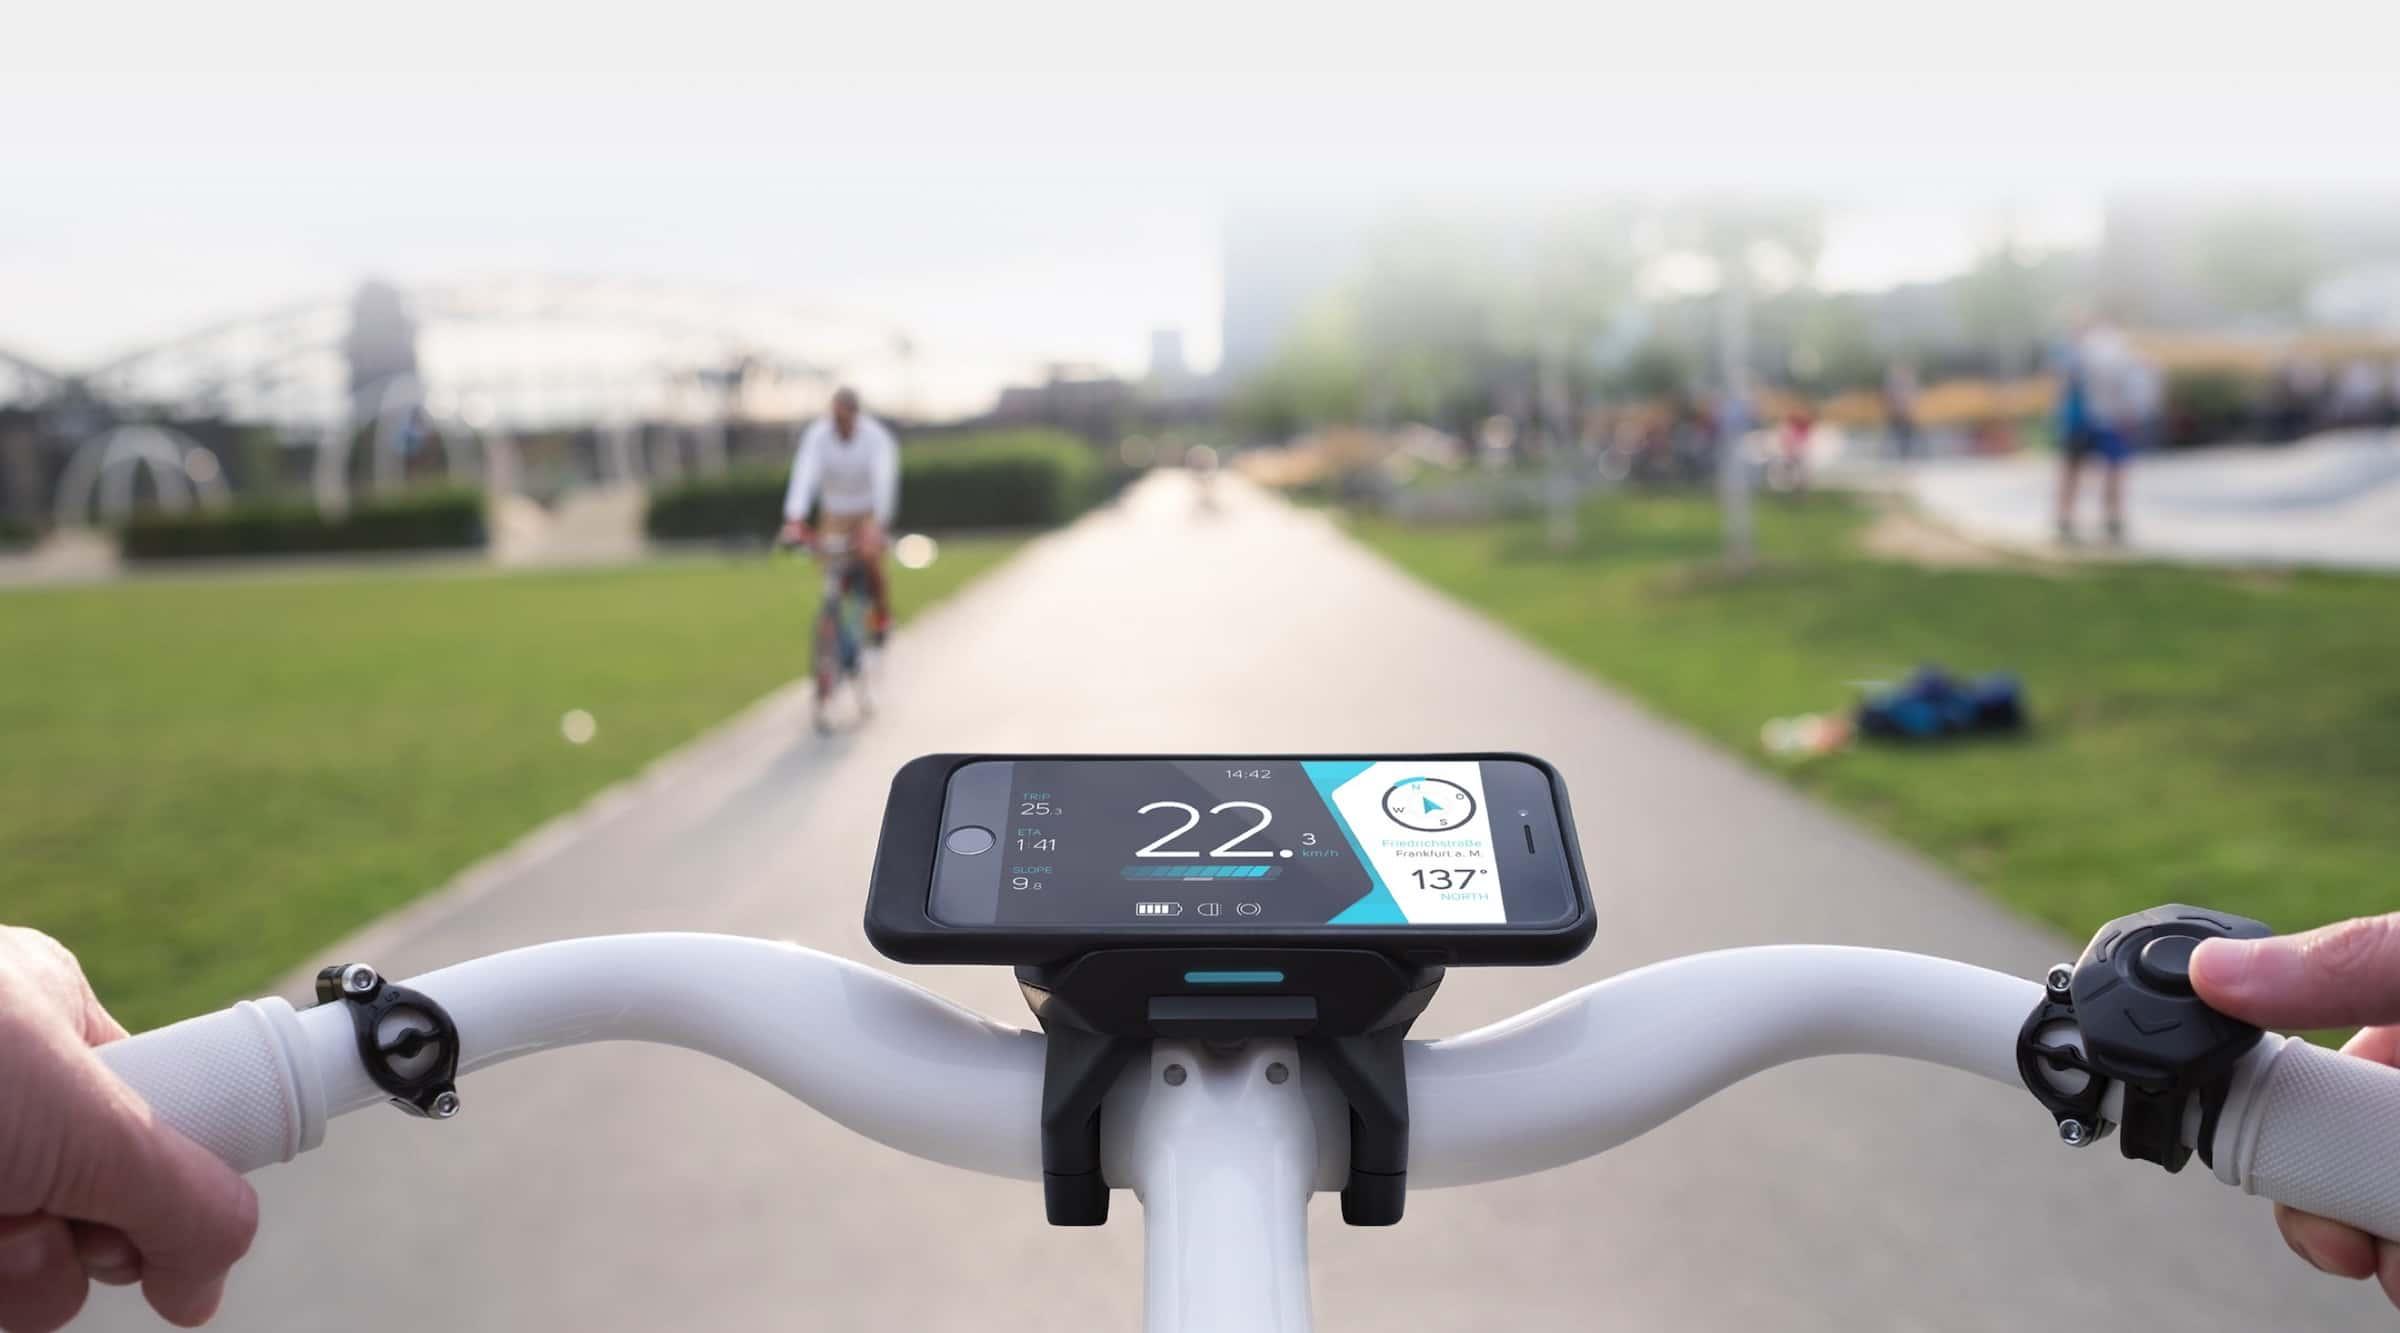 COBI – Connected Bike